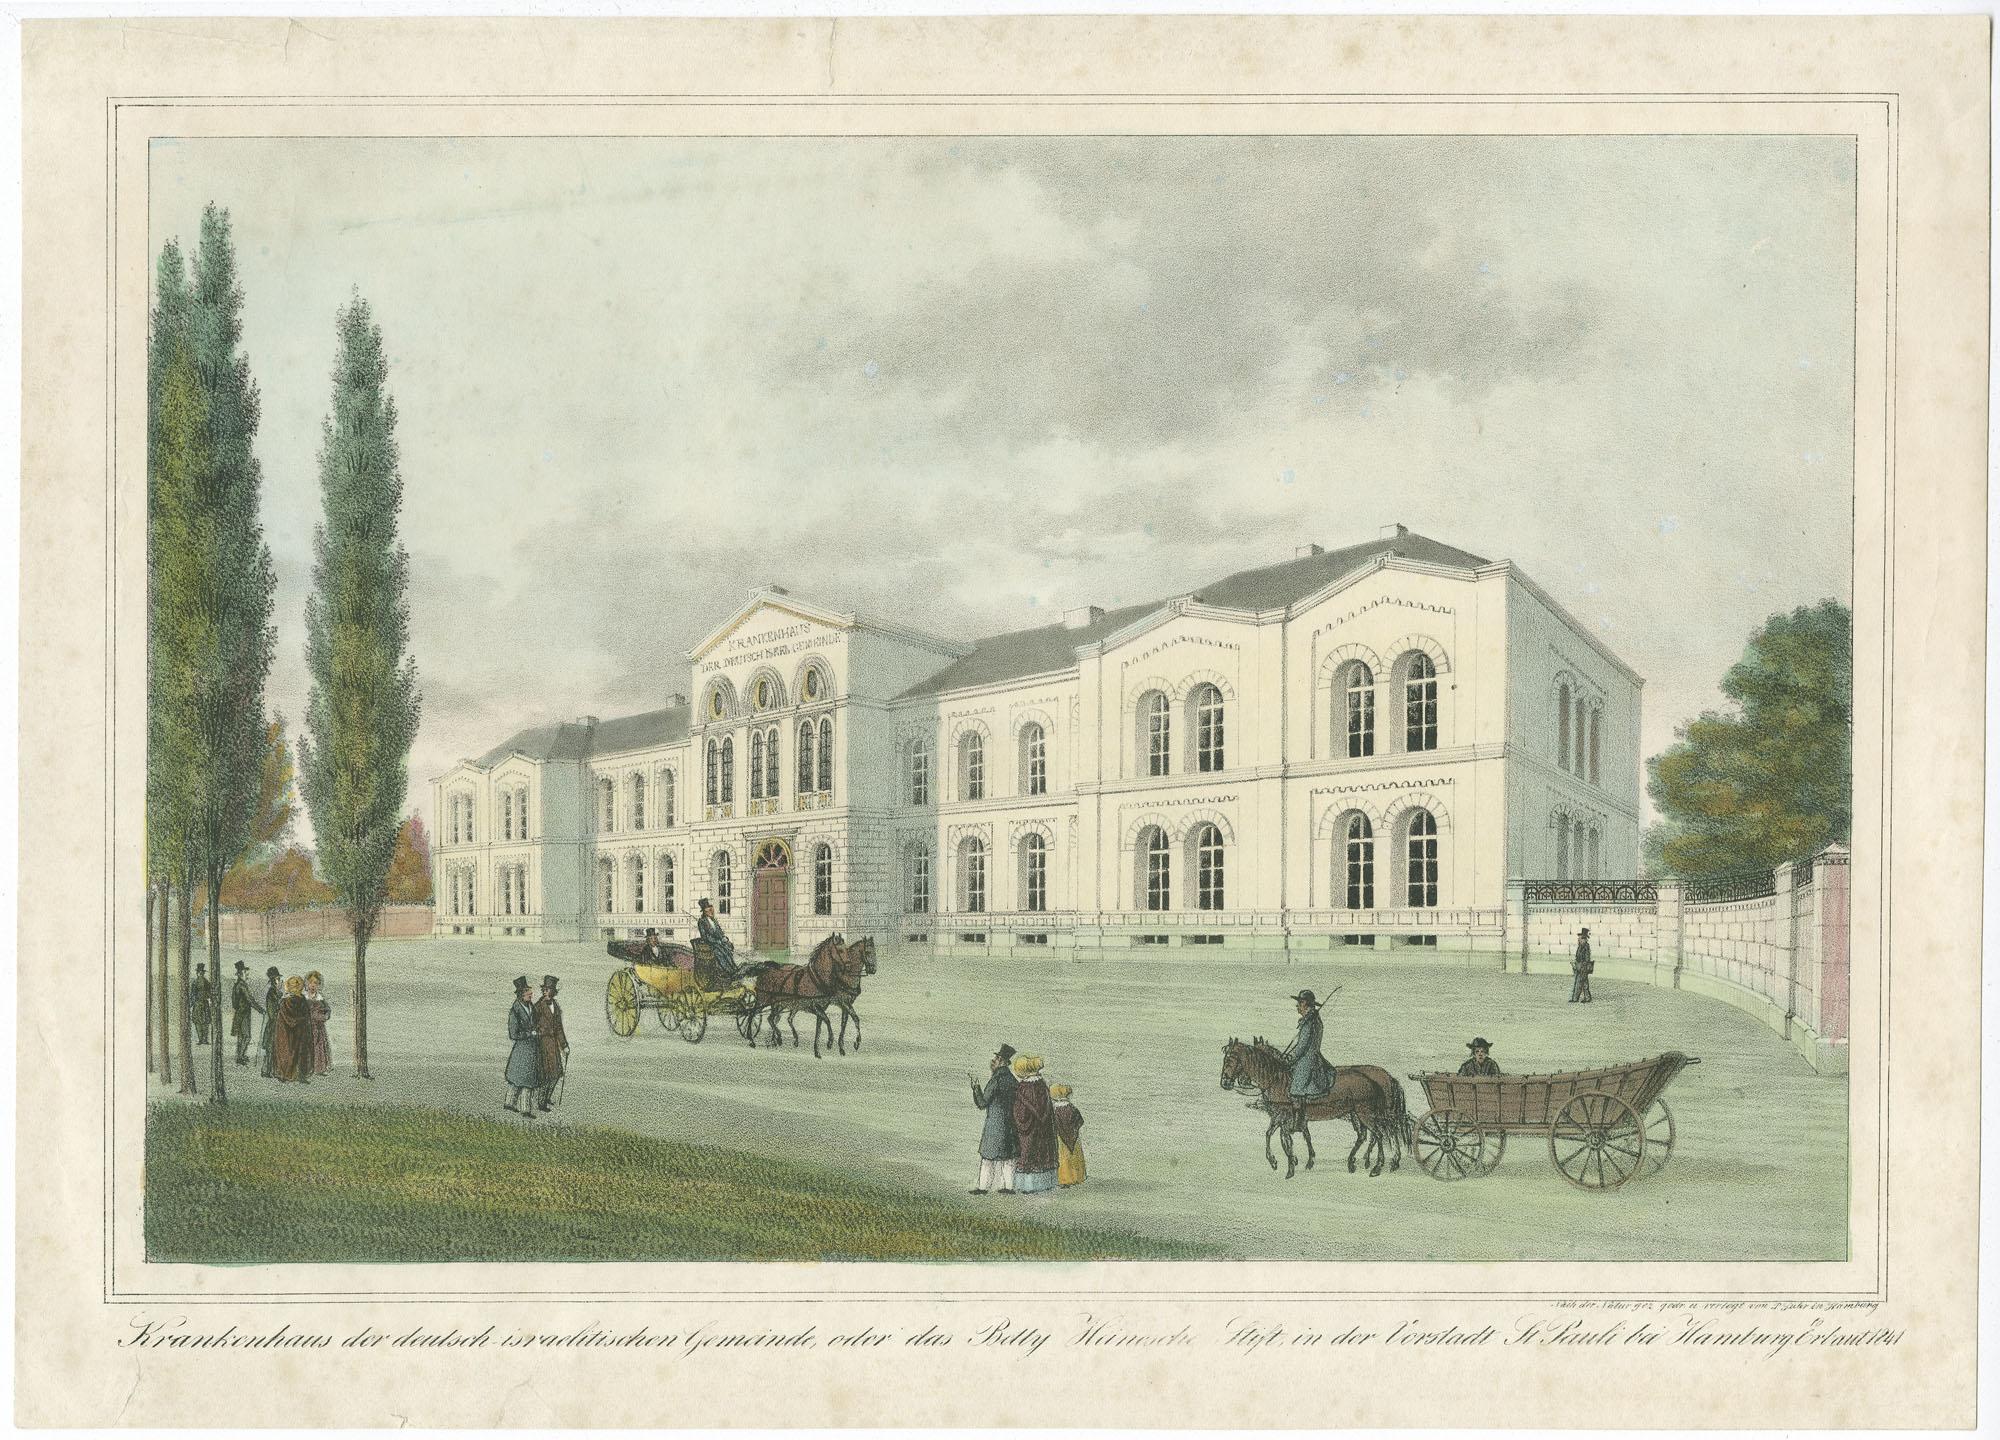 Krankenhaus der deutsch israelitischen Gemeinde, oder das Betty Heinesche Stift, in der Vorstadt St. Pauli bei Hamburg. Erbaut 1841.